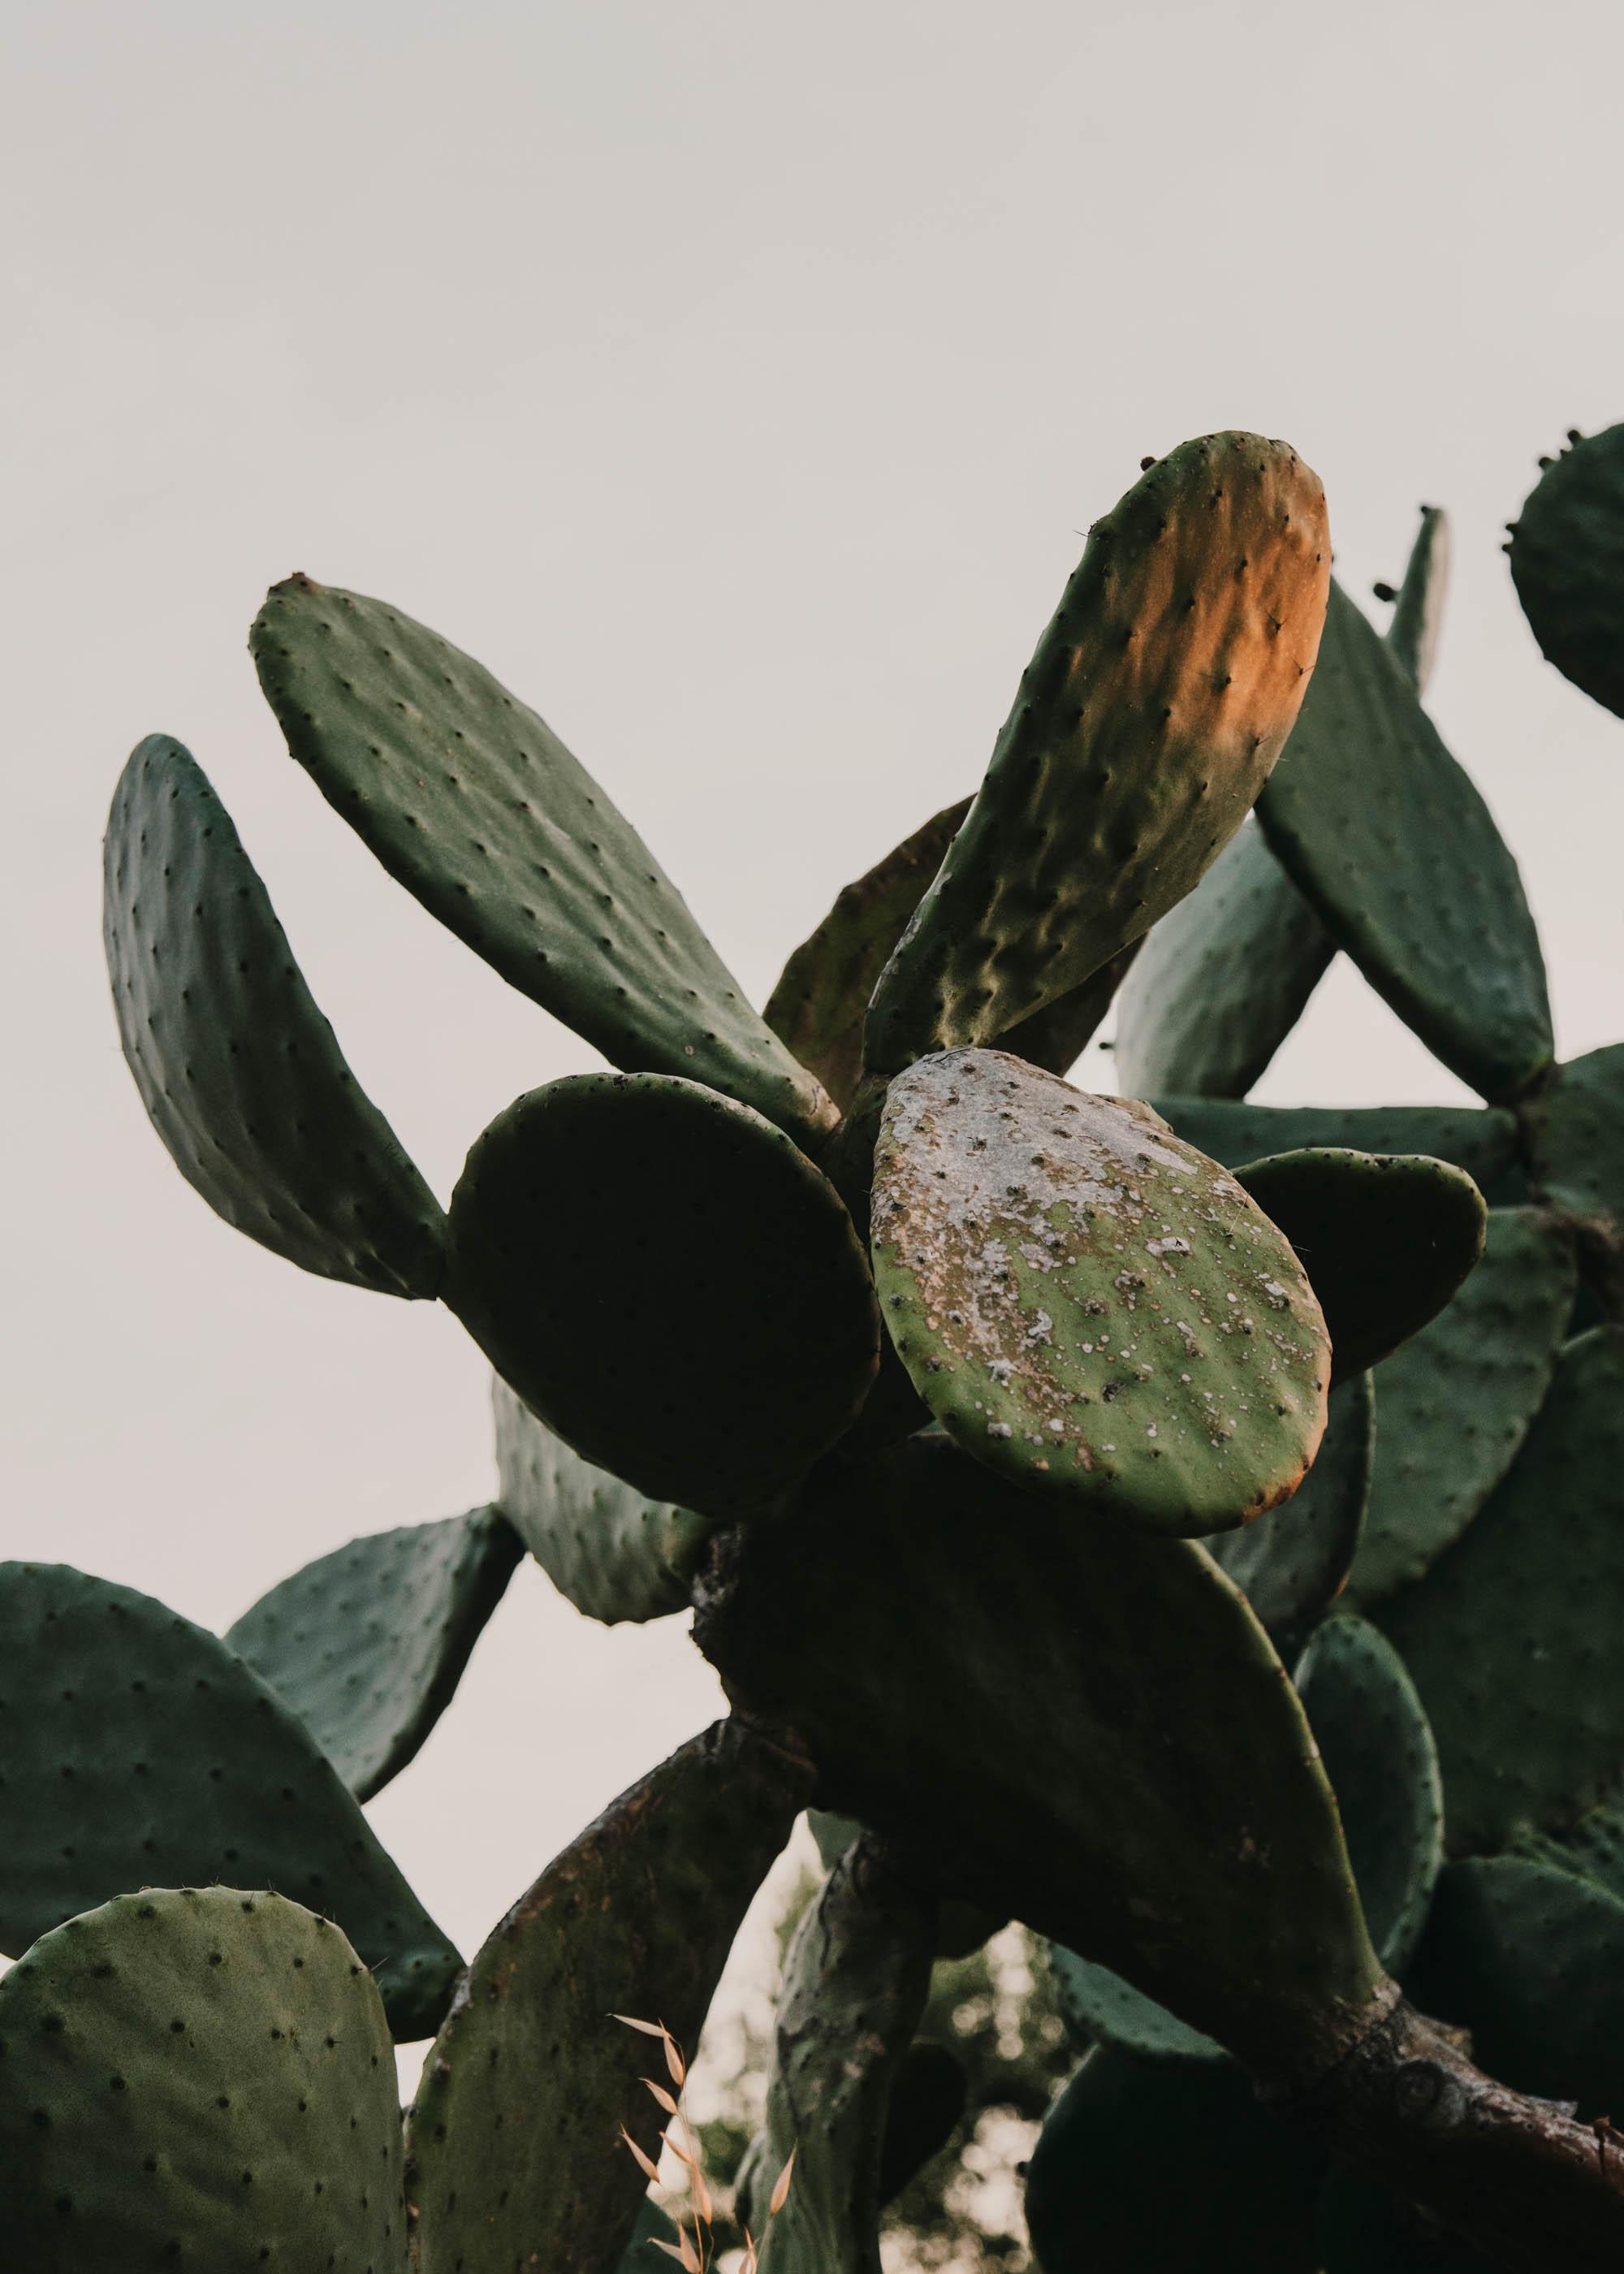 #editorial #italy #puglia #masseria #morosseta #openhouse #plants #cactus